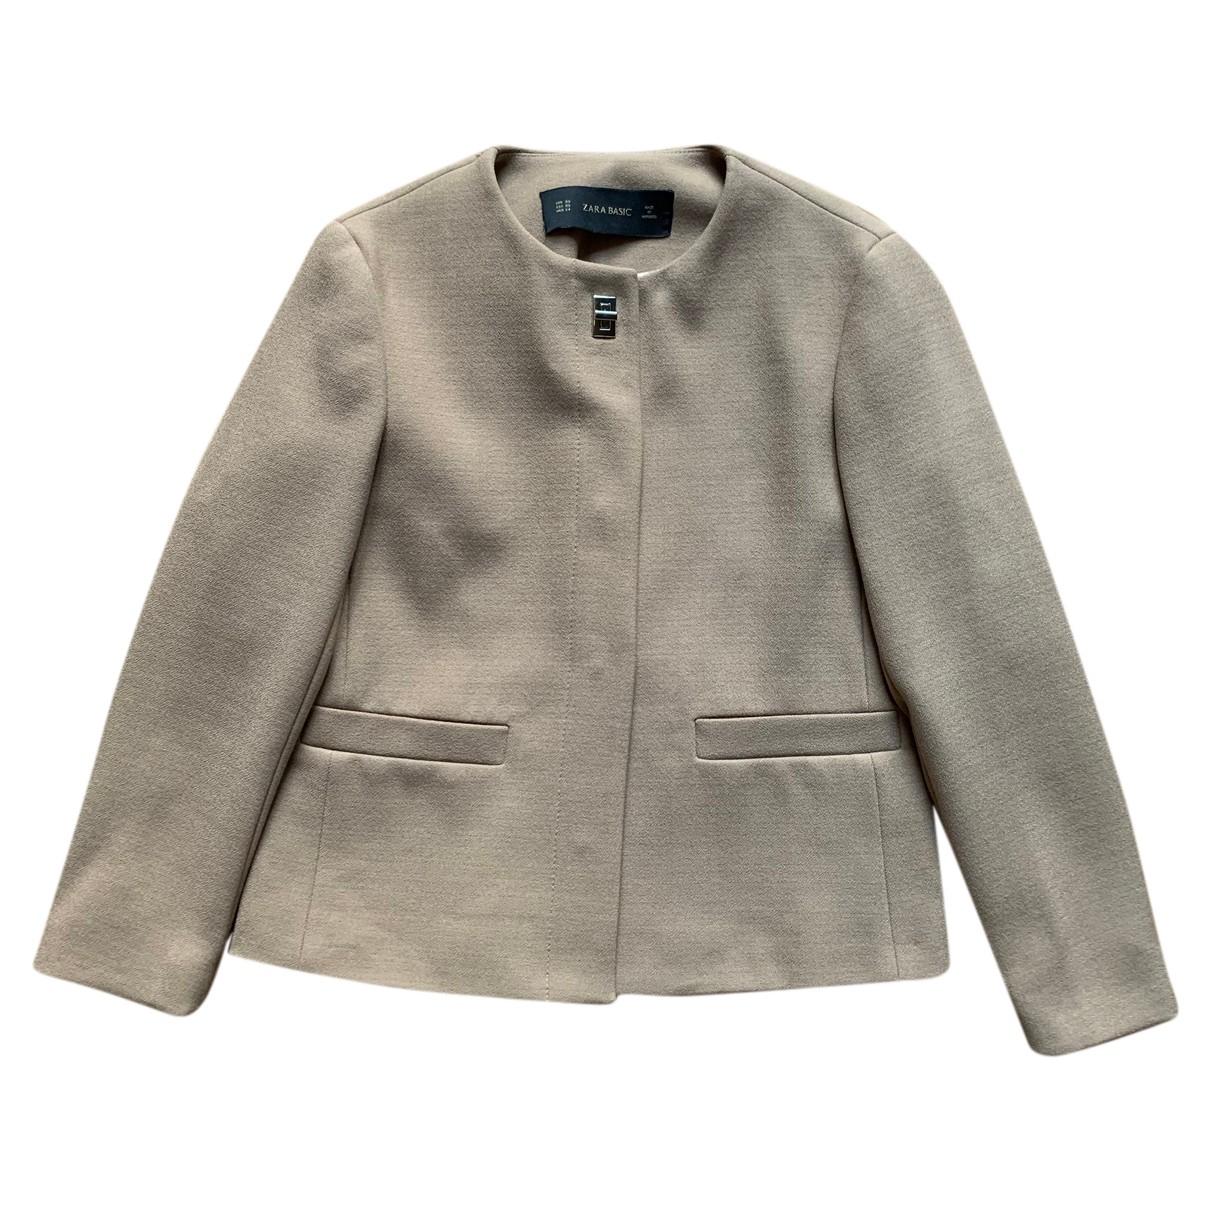 Zara - Veste   pour femme en laine - beige